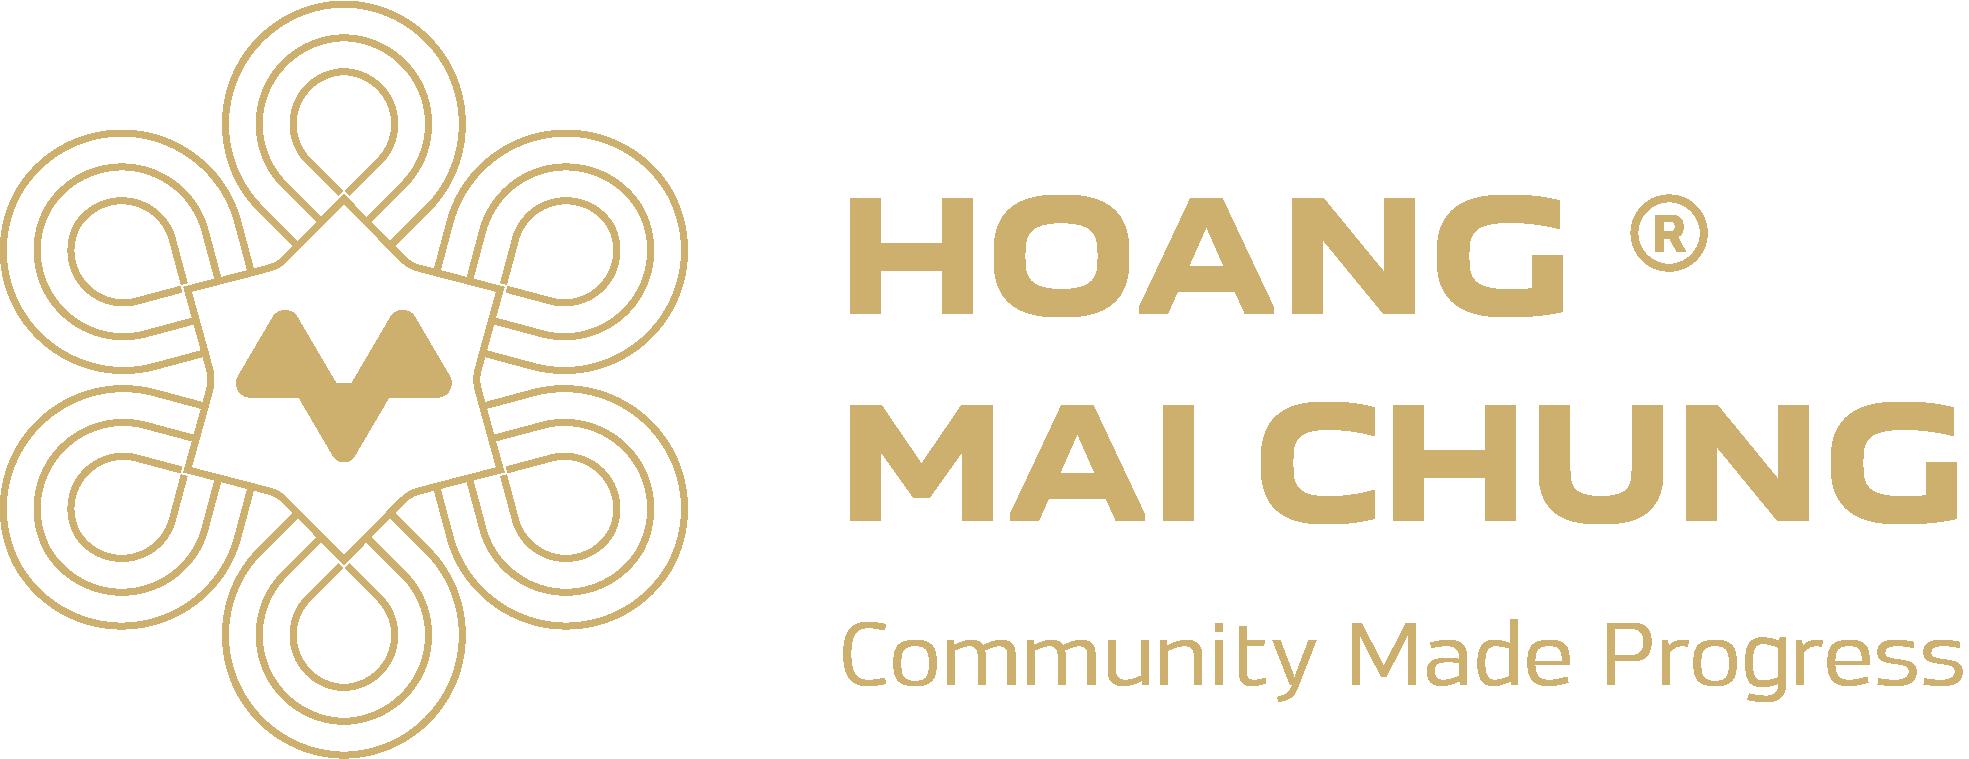 logo Hoang Mai Chung